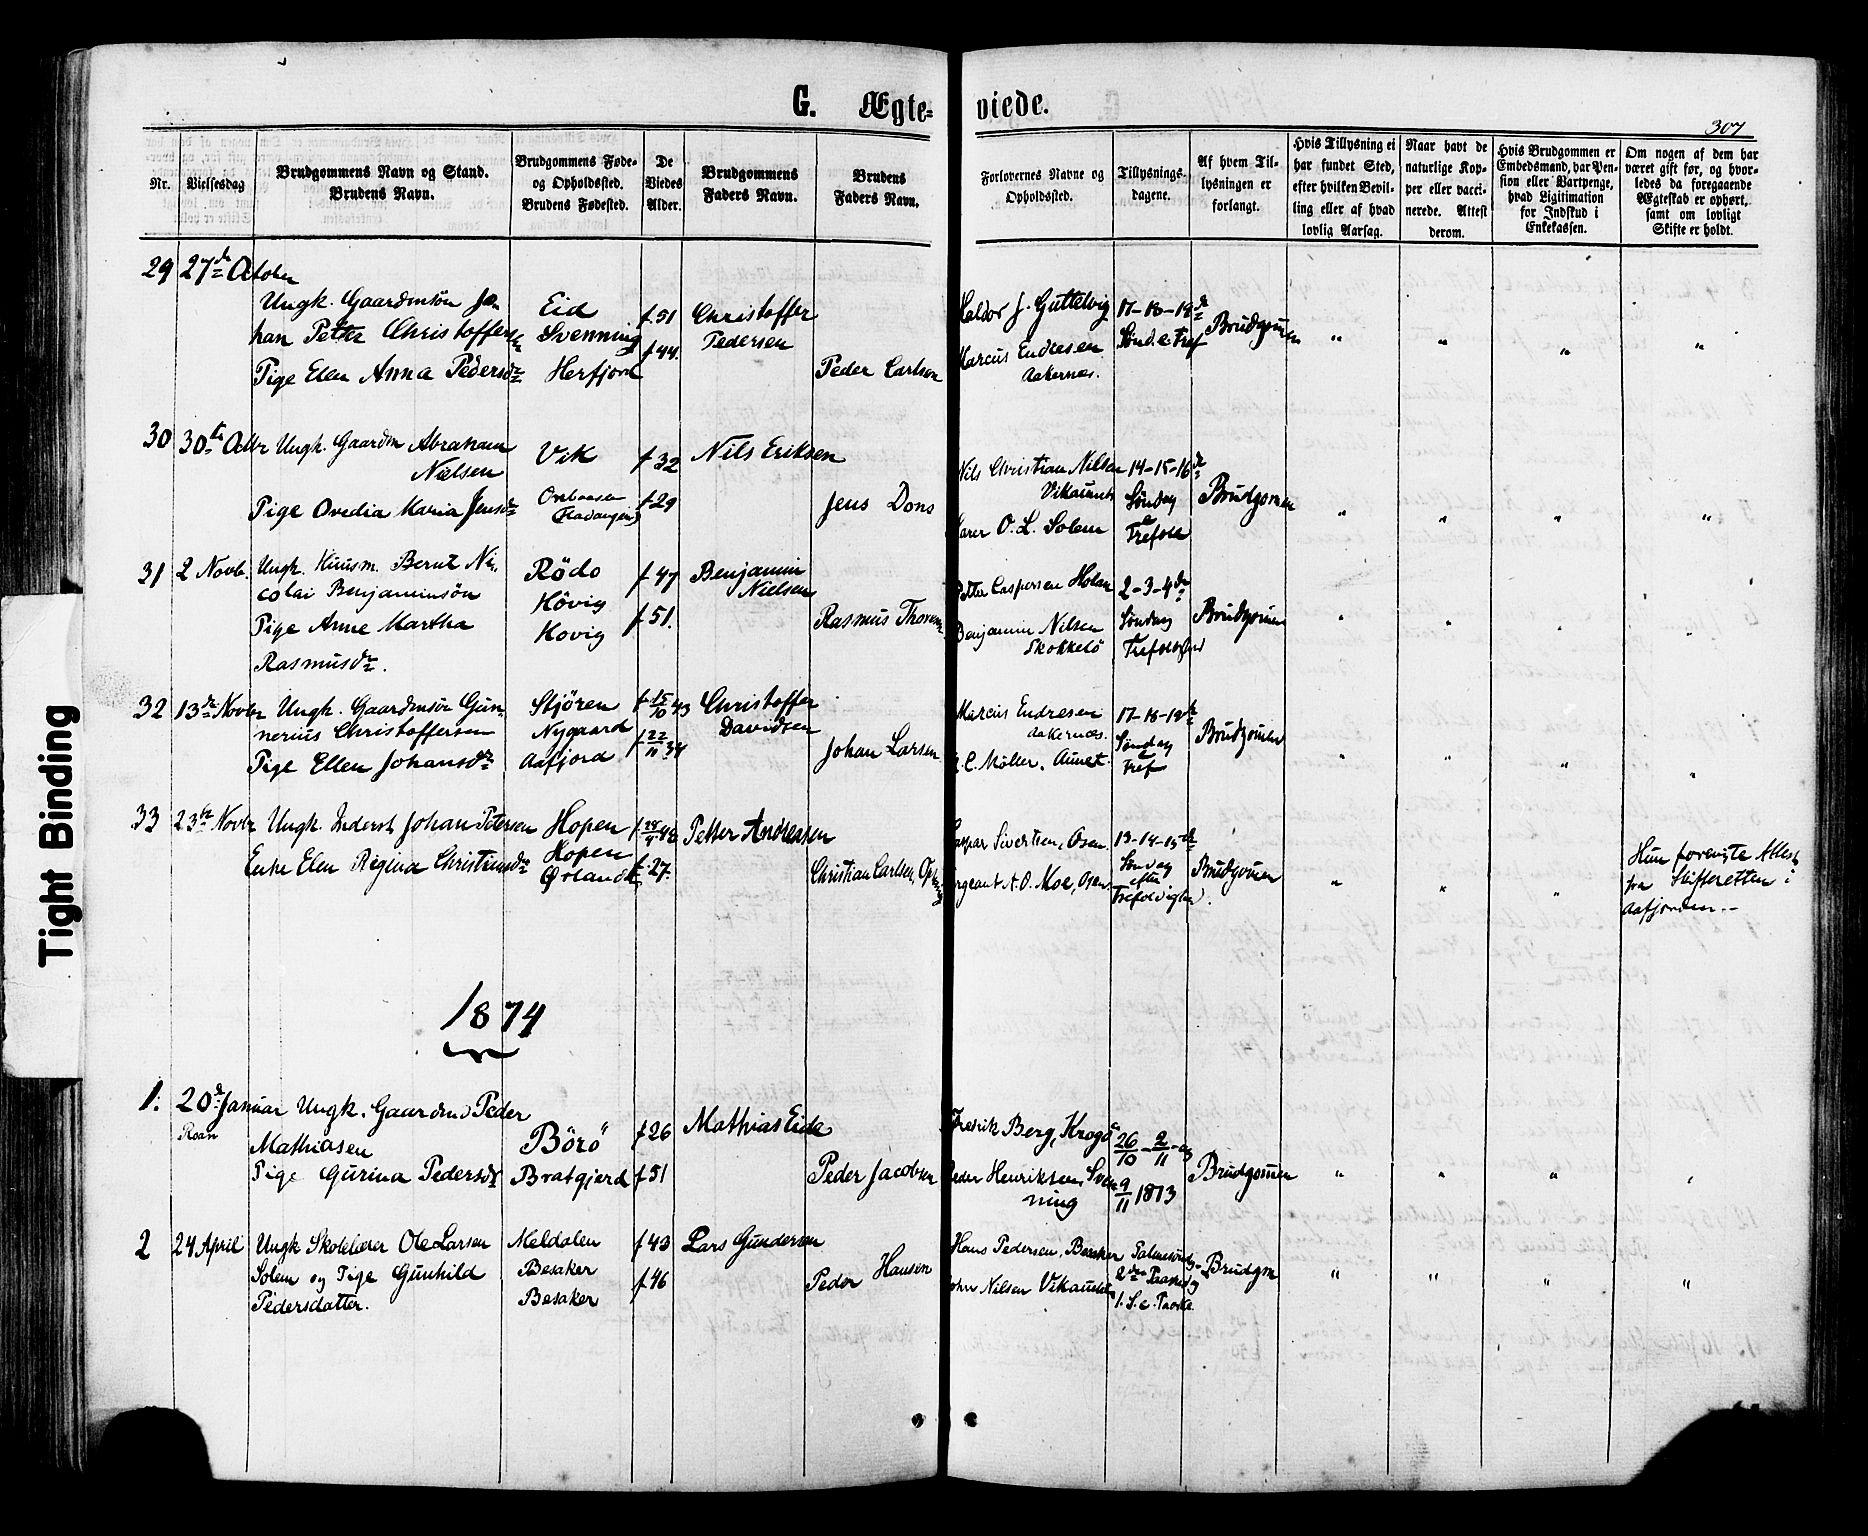 SAT, Ministerialprotokoller, klokkerbøker og fødselsregistre - Sør-Trøndelag, 657/L0706: Ministerialbok nr. 657A07, 1867-1878, s. 307